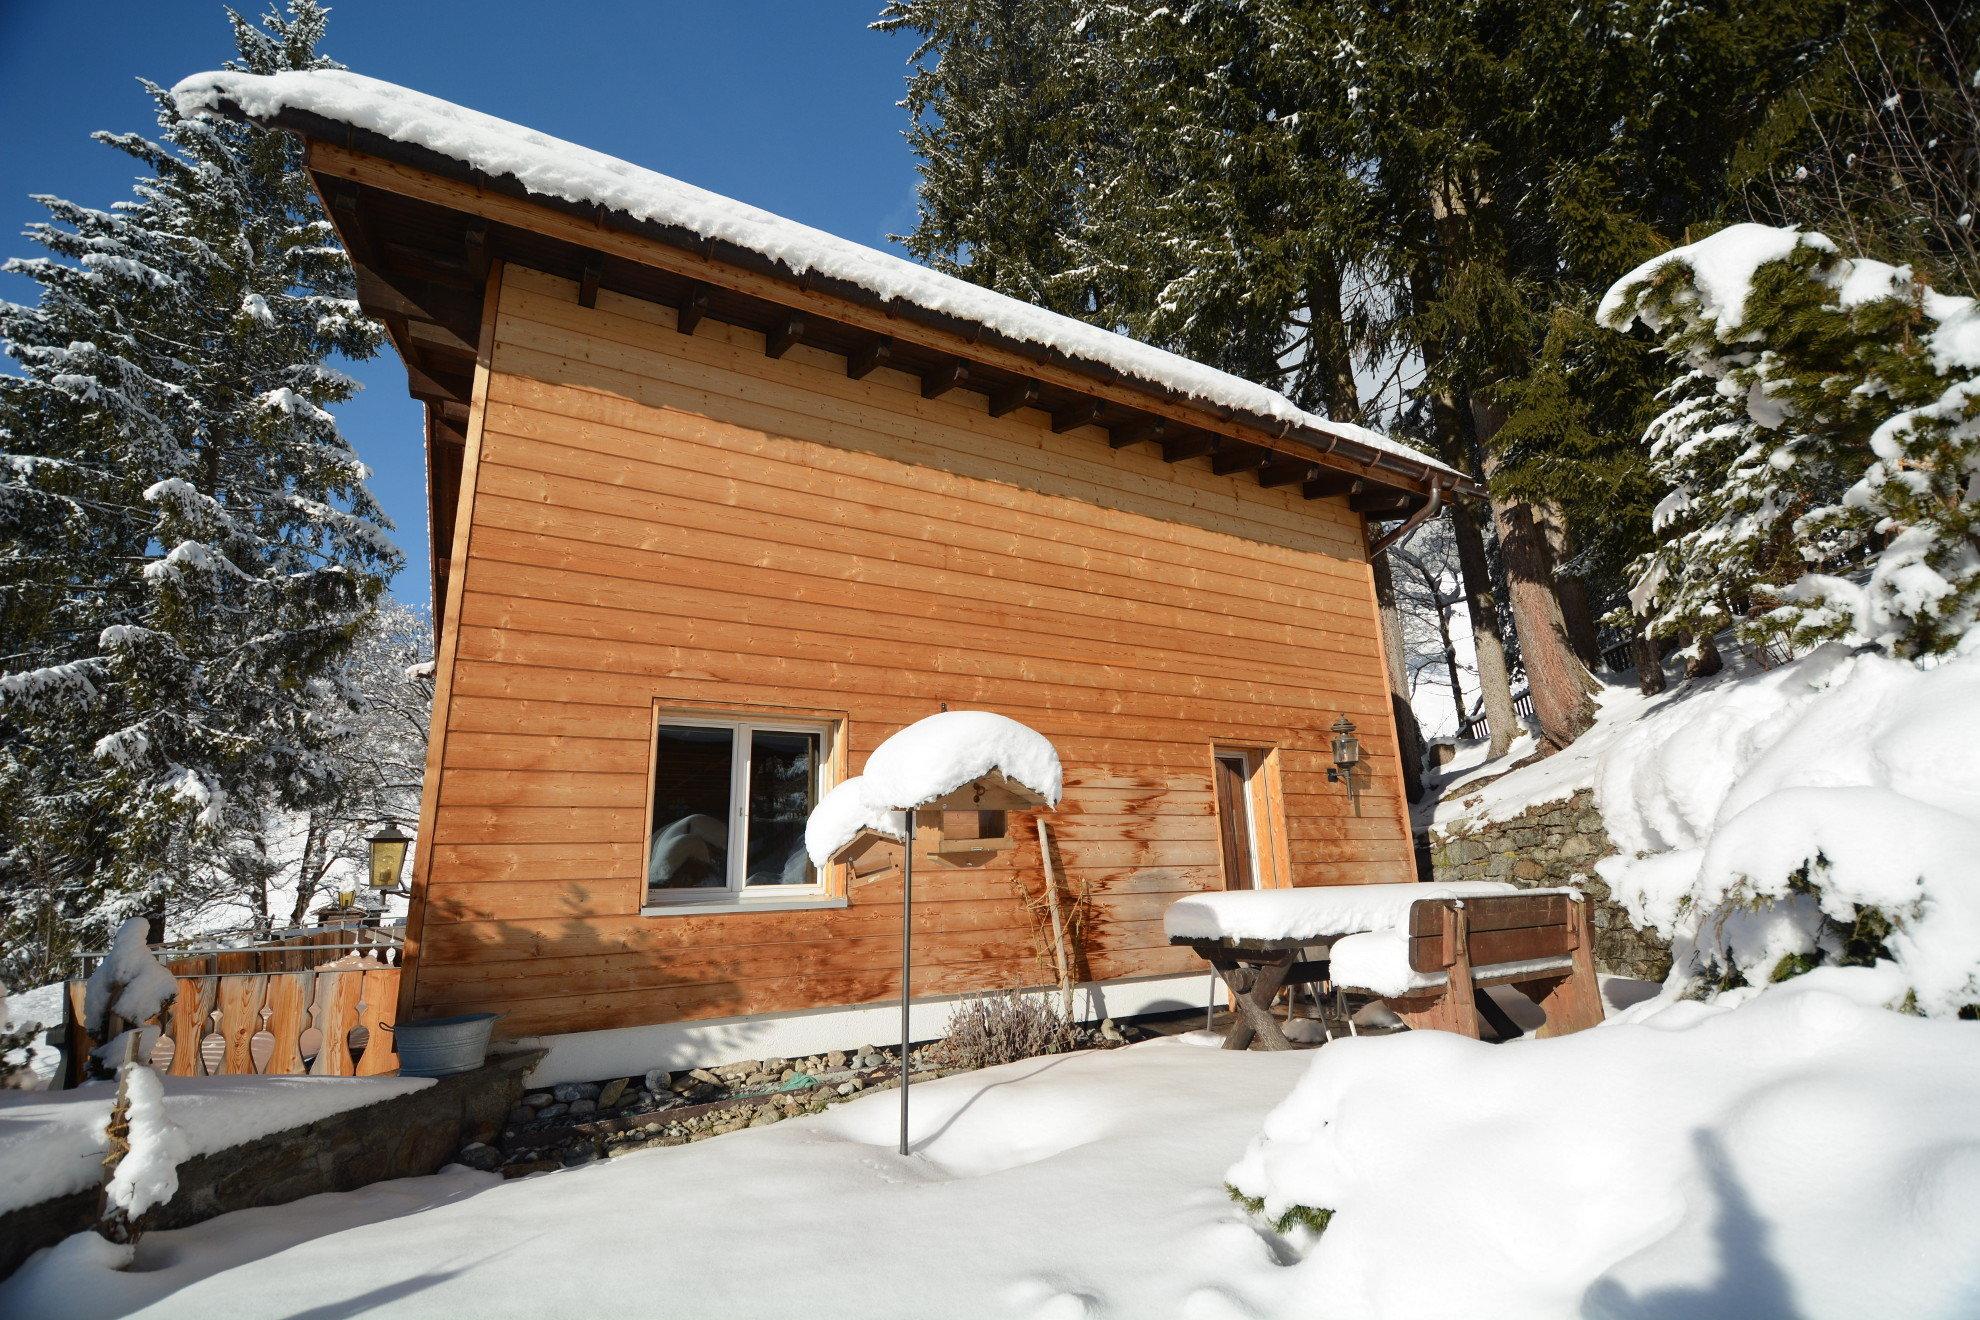 Chalet-Fuechsli-Klosters-Winter-11.JPG